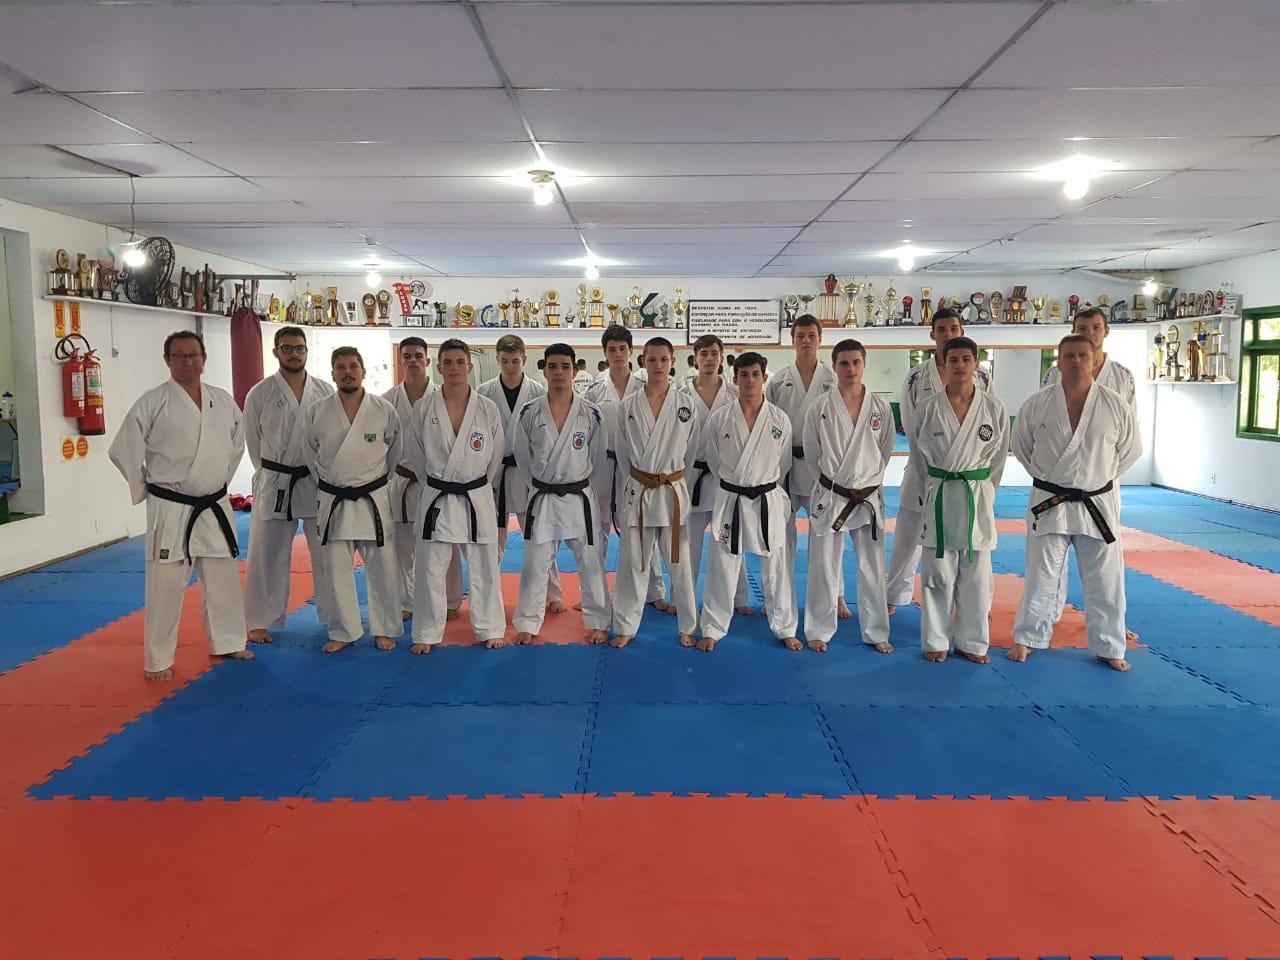 Equipe masculina de Karatê em busca do 1º lugar no Joguinhos Abertos de Santa Catarina!